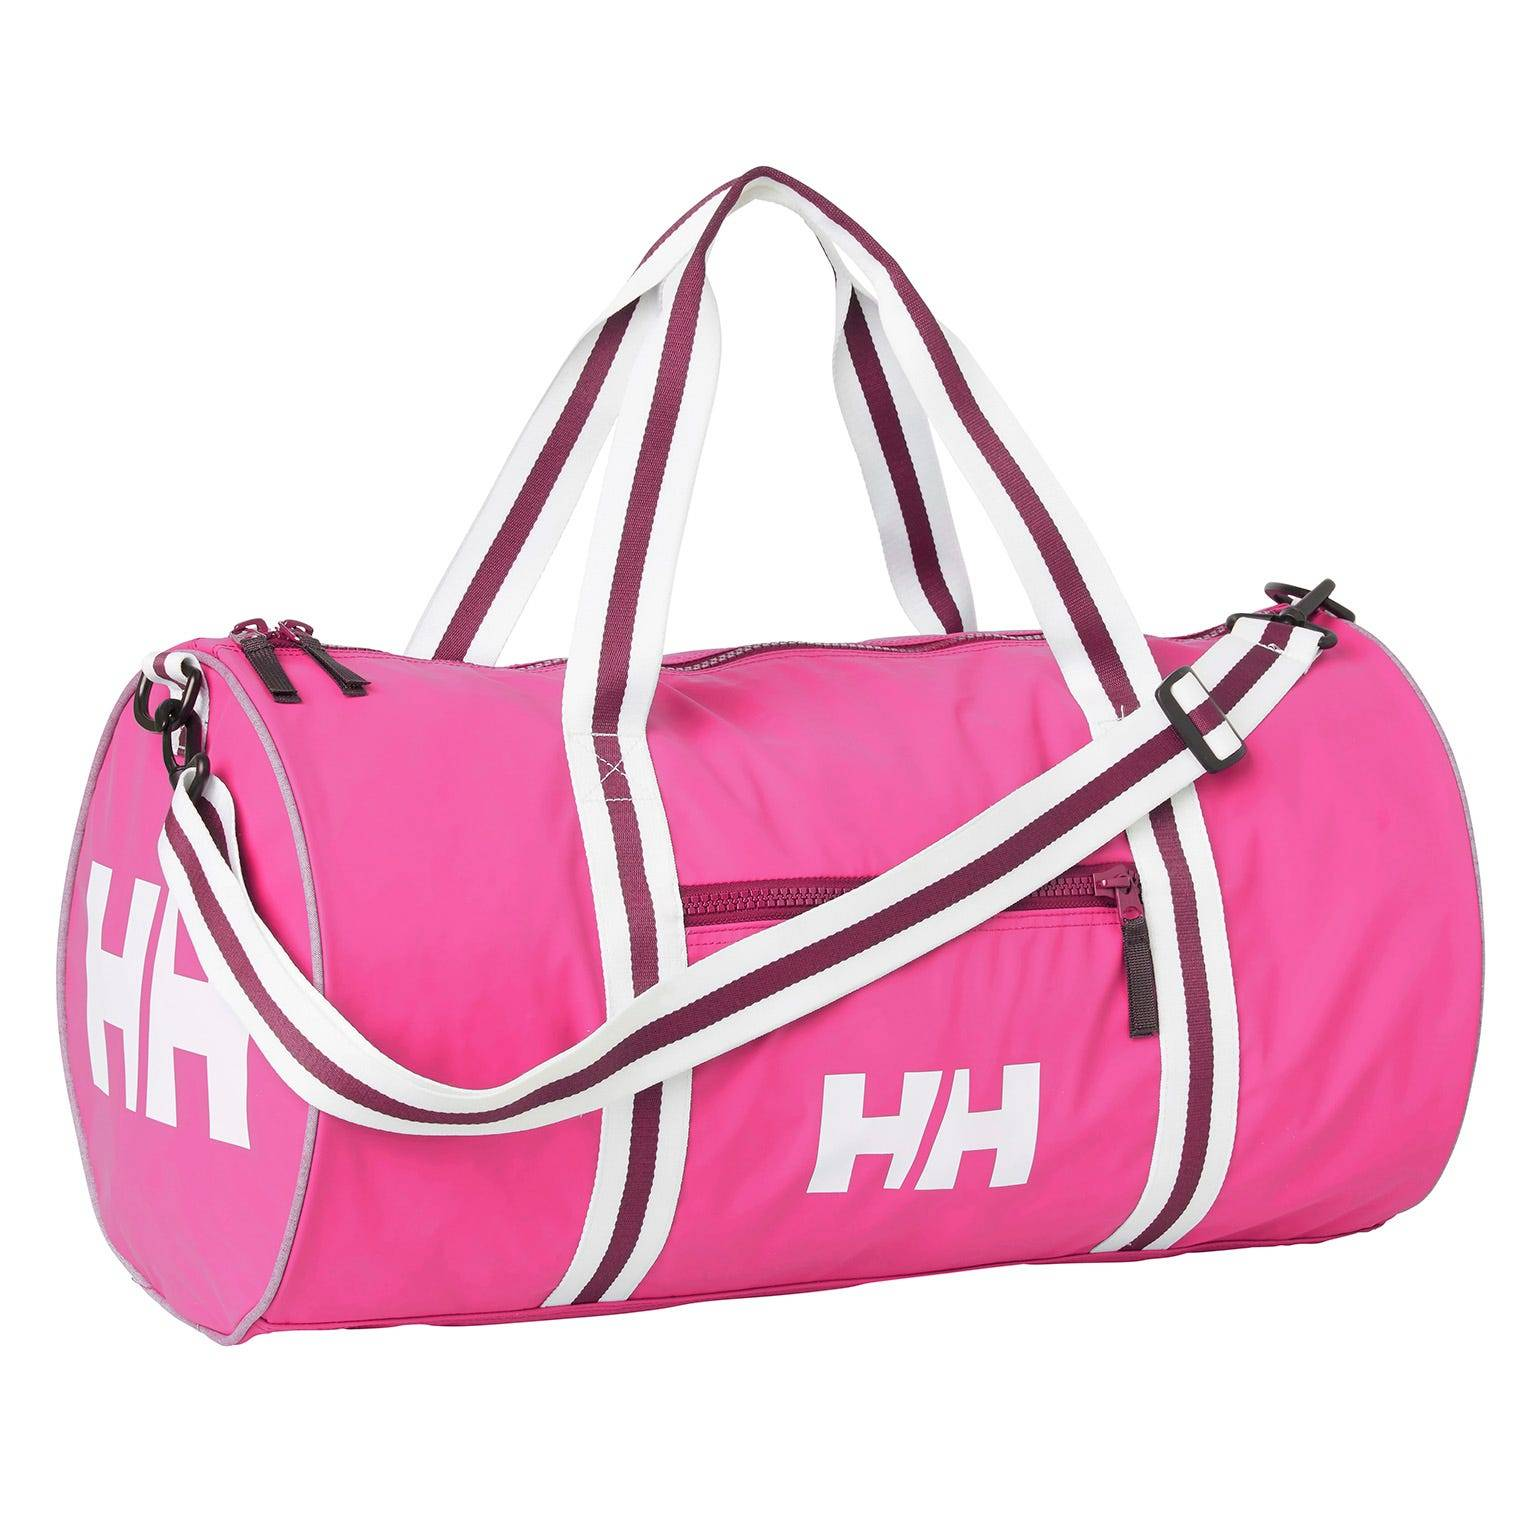 Helly Hansen Travel Beach Bag Pink STD